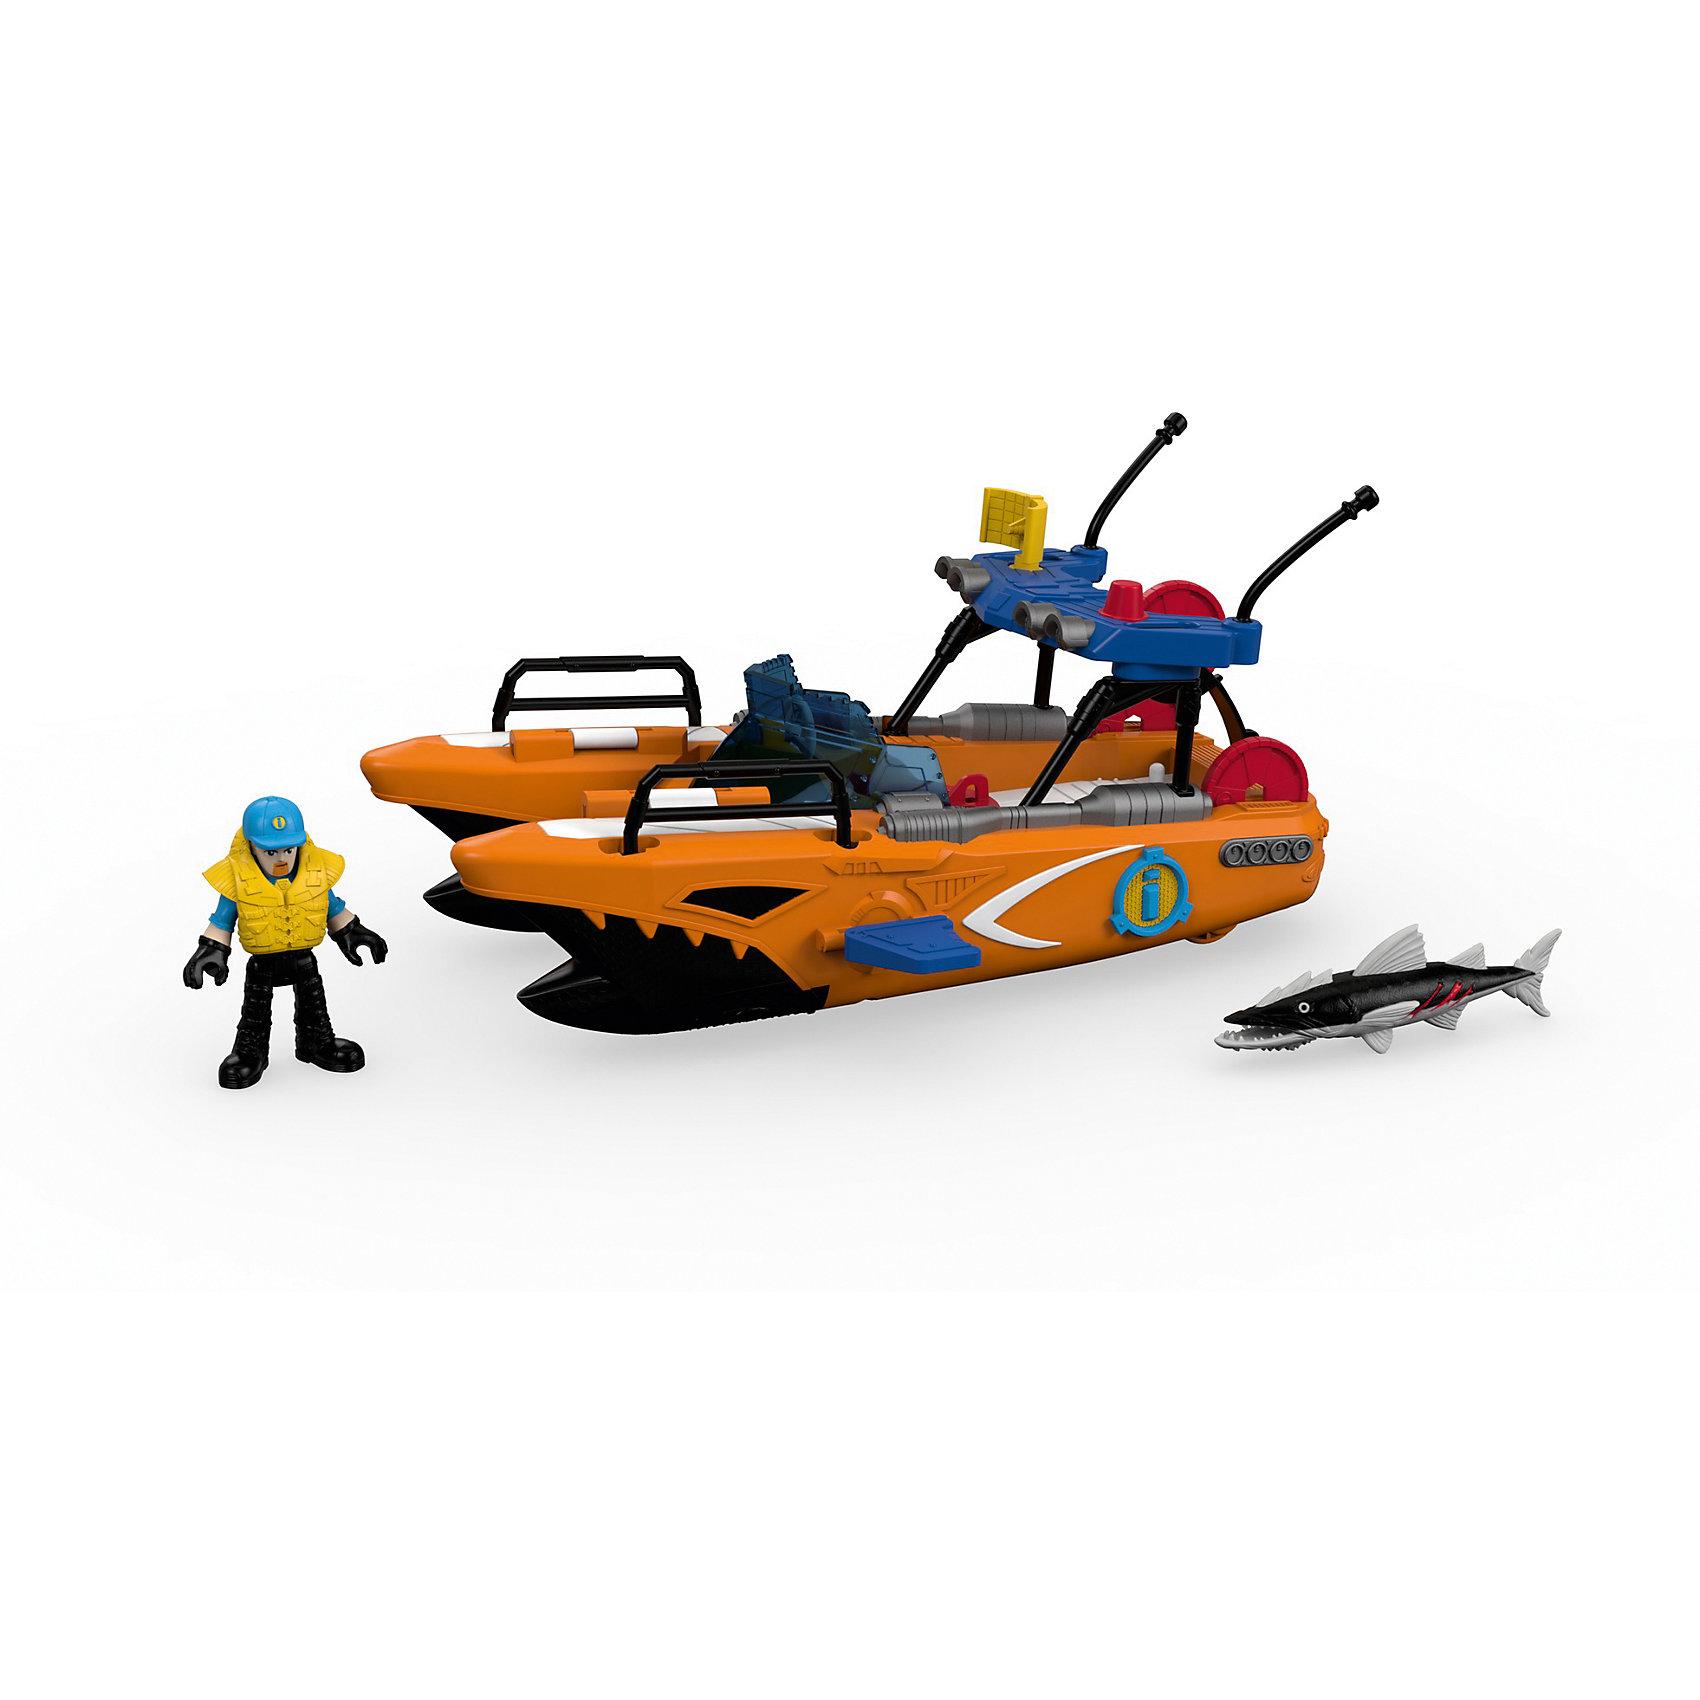 Спасательная турбо-лодка, Imaginext, Fisher PriceКорабли и лодки<br>Спасательная турбо-лодка, Imaginext, Fisher Price (Фишер Прайс).<br><br>Характеристики:<br><br>• Комплектация: лодка, фигурка спасателя, бейсболка, спасательный жилет, 3 диска, 2 торпеды, барракуда<br>• Материал: пластик<br>• Размер лодки: 28х14х15 см.<br>• Упаковка: картонная коробка открытого типа<br>• Размер упаковки: 32x16х22 см.<br><br>Спасательная турбо-лодка, Imaginext, Fisher Price – это игровой набор, который позволит ребенку придумать и реализовать множество увлекательных сюжетов, например: проводить спасательные операции или остановить большую и страшную барракуду. <br><br>Спасательная турбо-лодка выполнена с высокой долей детализации элементов, максимально схожа с катером береговой охраны. Лодка оснащена выдвигающимися торпедными аппаратами, может стрелять торпедами и дисками. Для того, чтобы торпедные аппараты выдвинулись из корпуса турбо-лодки, достаточно повернуть фигурку спасателя, стоящего на палубе в специальных упорах, вправо и влево. <br><br>Для выстрела необходимо нажать на красную кнопку, расположенную на корпусе торпедного аппарата. Диски выстреливаются с кормы лодки с помощью катапульты. Голова, руки и ноги фигурки спасателя, а также челюсти и плавник барракуды подвижны. Набор выполнен из качественного и безопасного пластика, устойчивого к механическим повреждениям. Все элементы окрашены нетоксичными красками.<br><br>Набор Спасательная турбо-лодка, Imaginext, Fisher Price (Фишер Прайс) можно купить в нашем интернет-магазине.<br><br>Ширина мм: 320<br>Глубина мм: 150<br>Высота мм: 215<br>Вес г: 995<br>Возраст от месяцев: 36<br>Возраст до месяцев: 96<br>Пол: Мужской<br>Возраст: Детский<br>SKU: 5440292